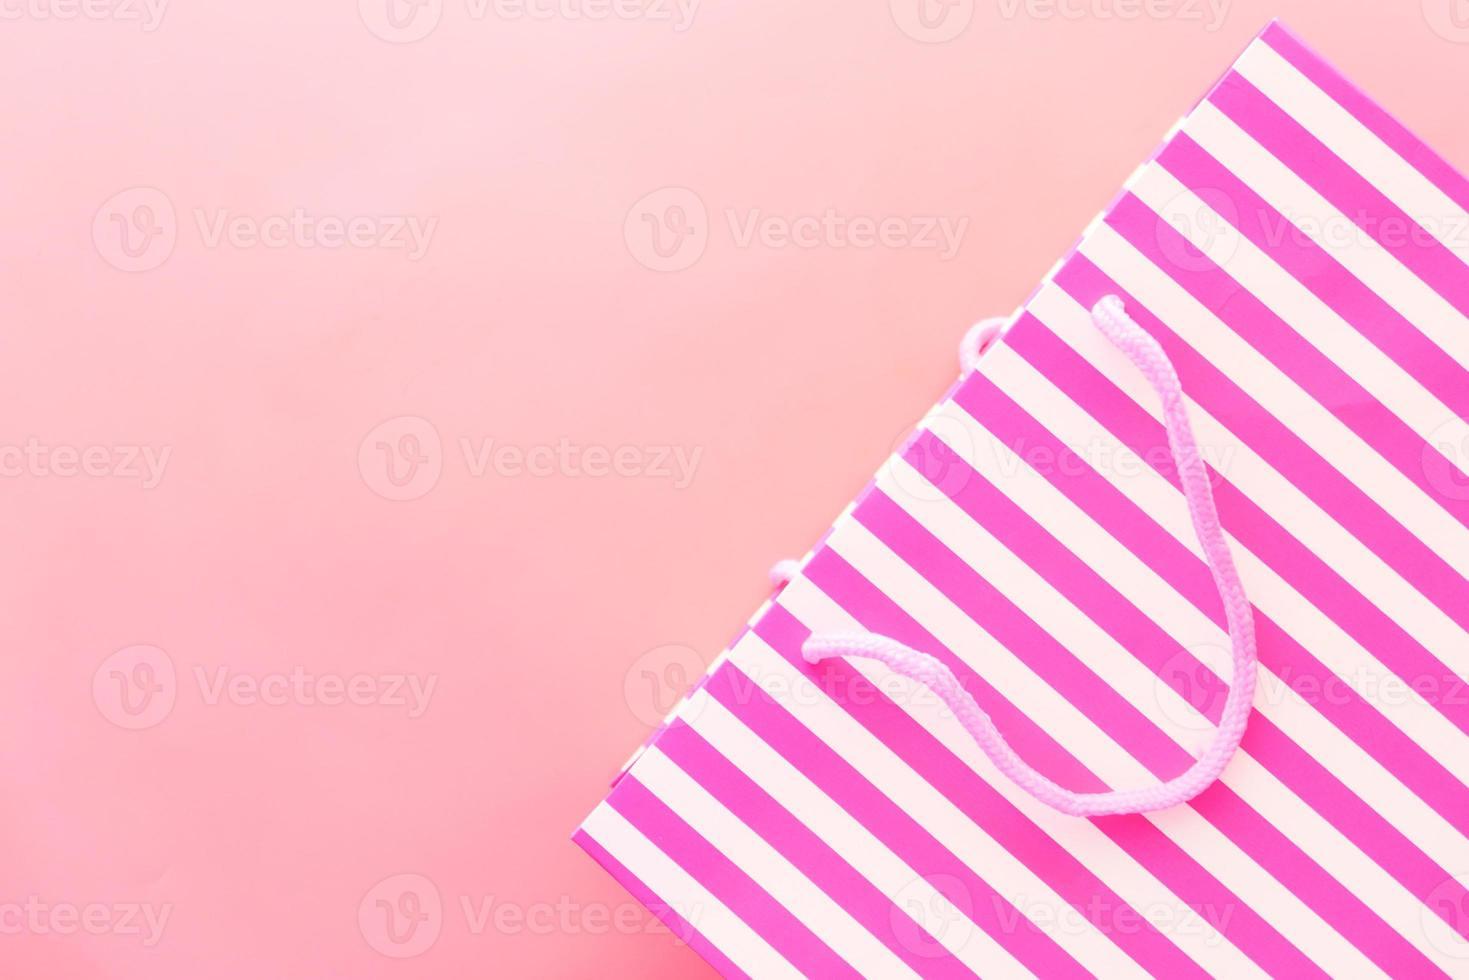 rosa gestreifte Geschenktüte auf rosa Hintergrund foto